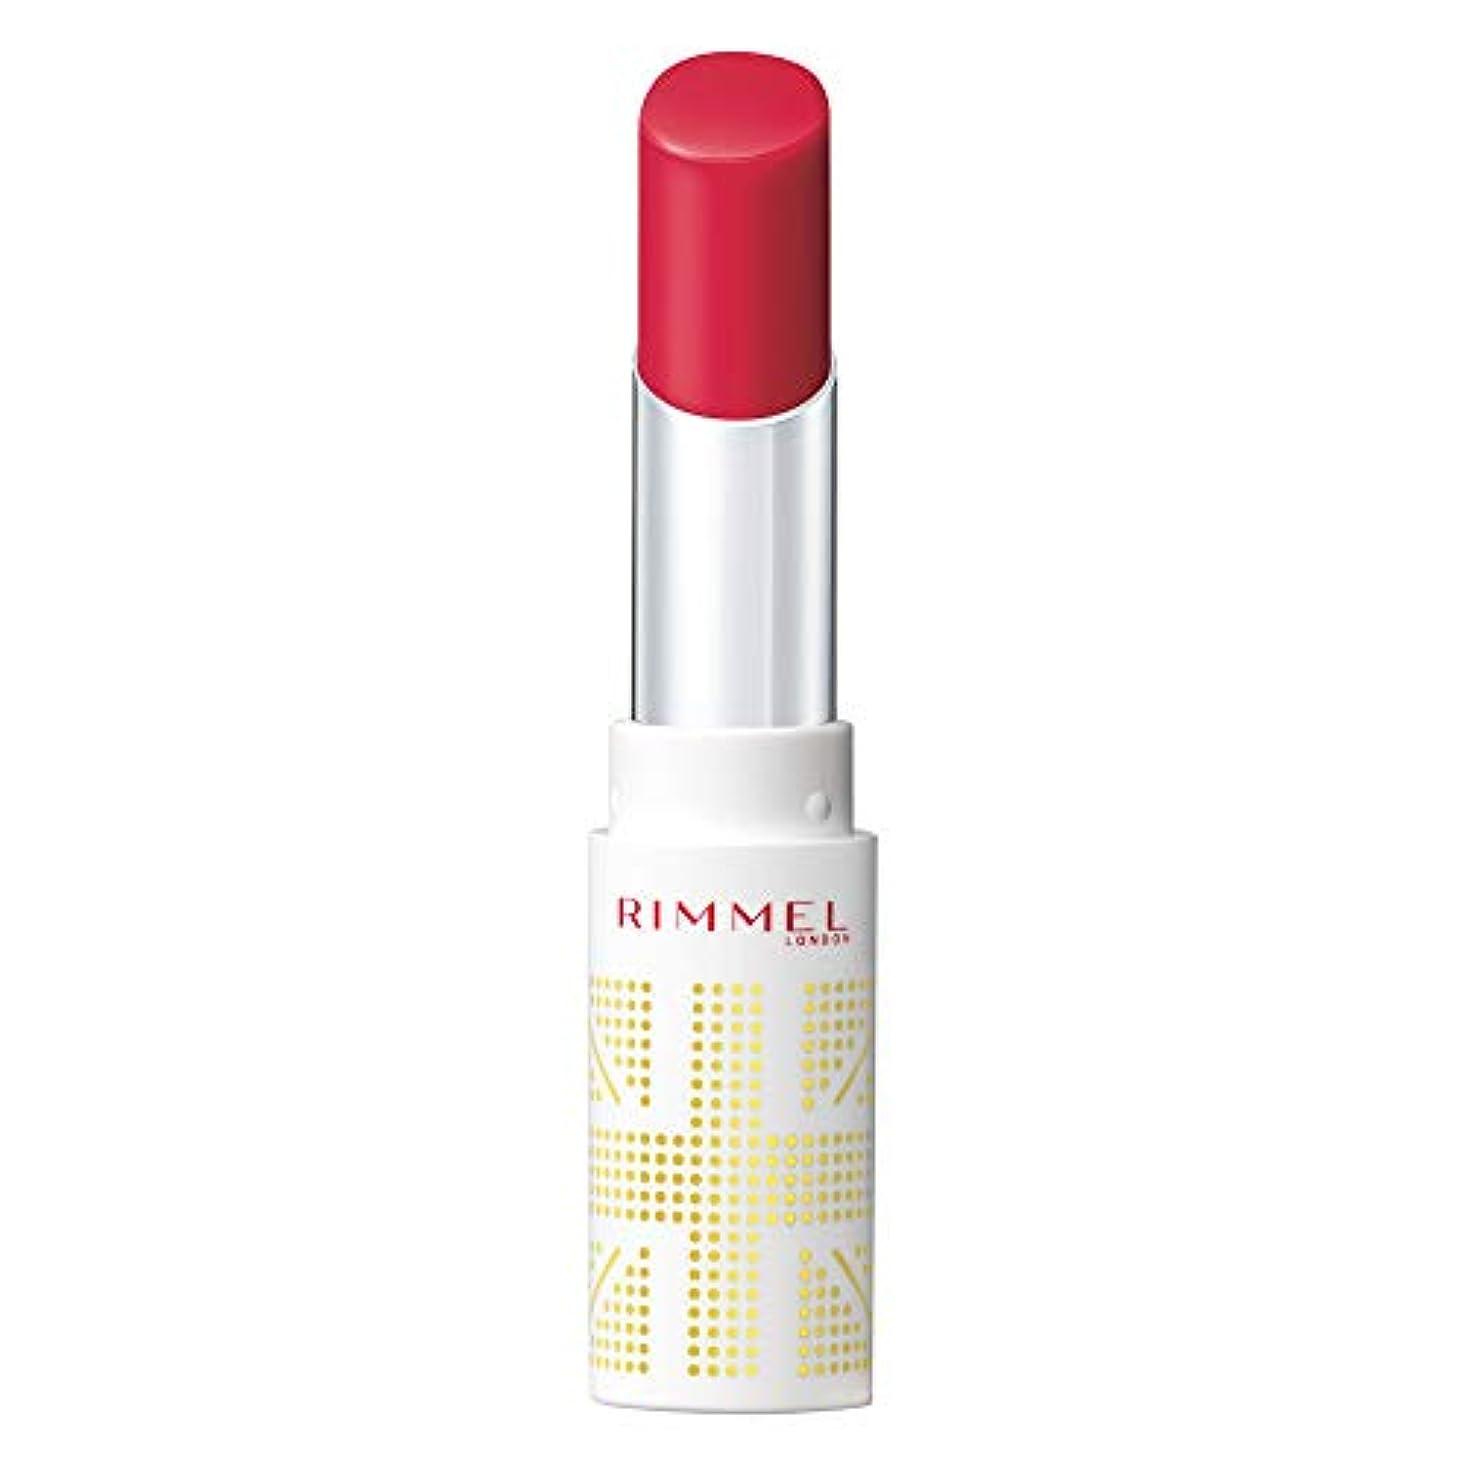 ドアミラー混乱させるアンカーRimmel (リンメル) リンメル ラスティングフィニッシュ オイルティントリップ 001 ベリーピンク 3.8g 口紅